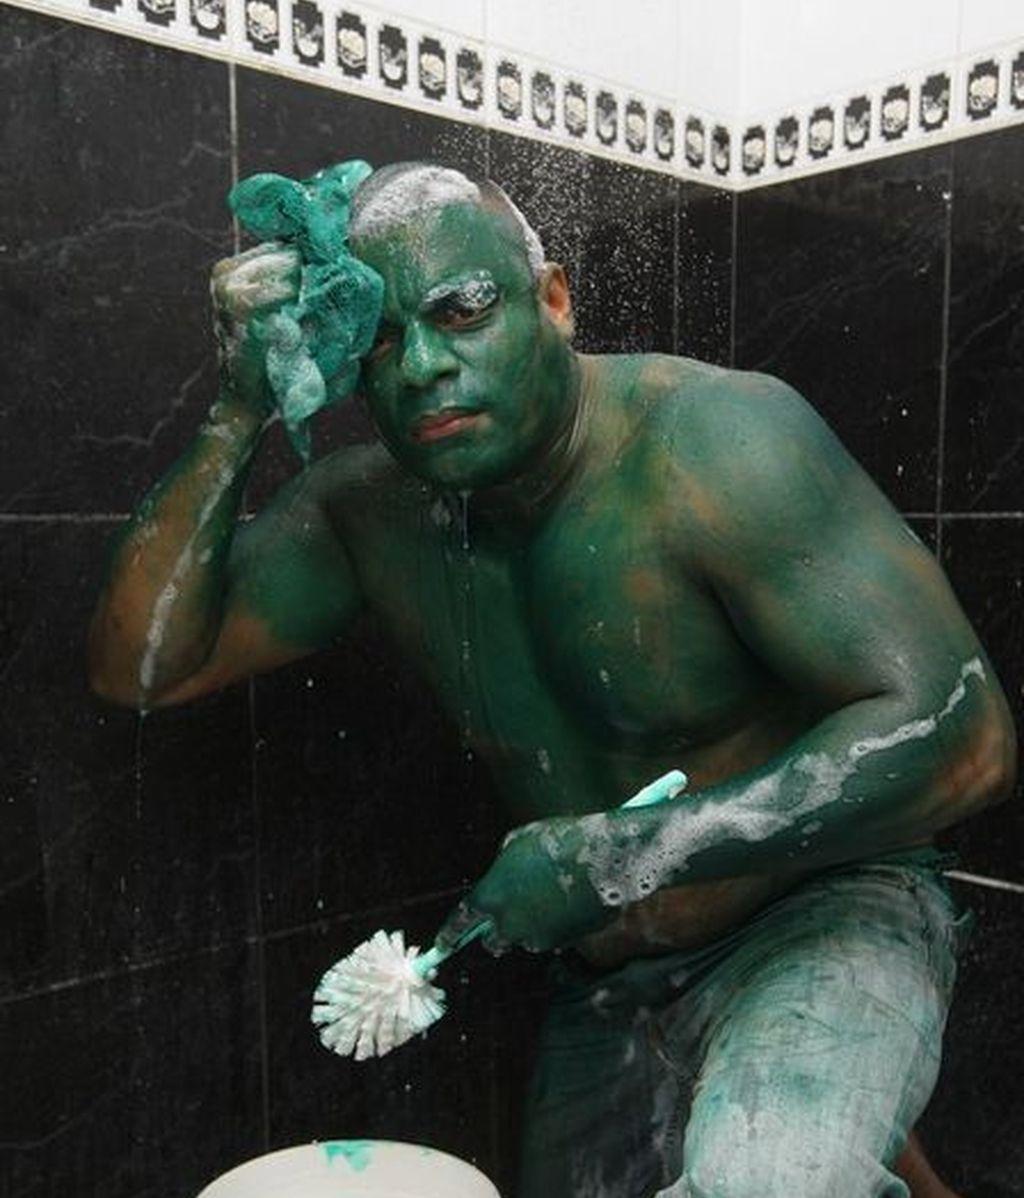 El socorrista de 35 años cuenta que quería imitar al 'Increíble Hulk', superhéroe de ficción, pero el colorante que usó al parecer es resistente al agua.